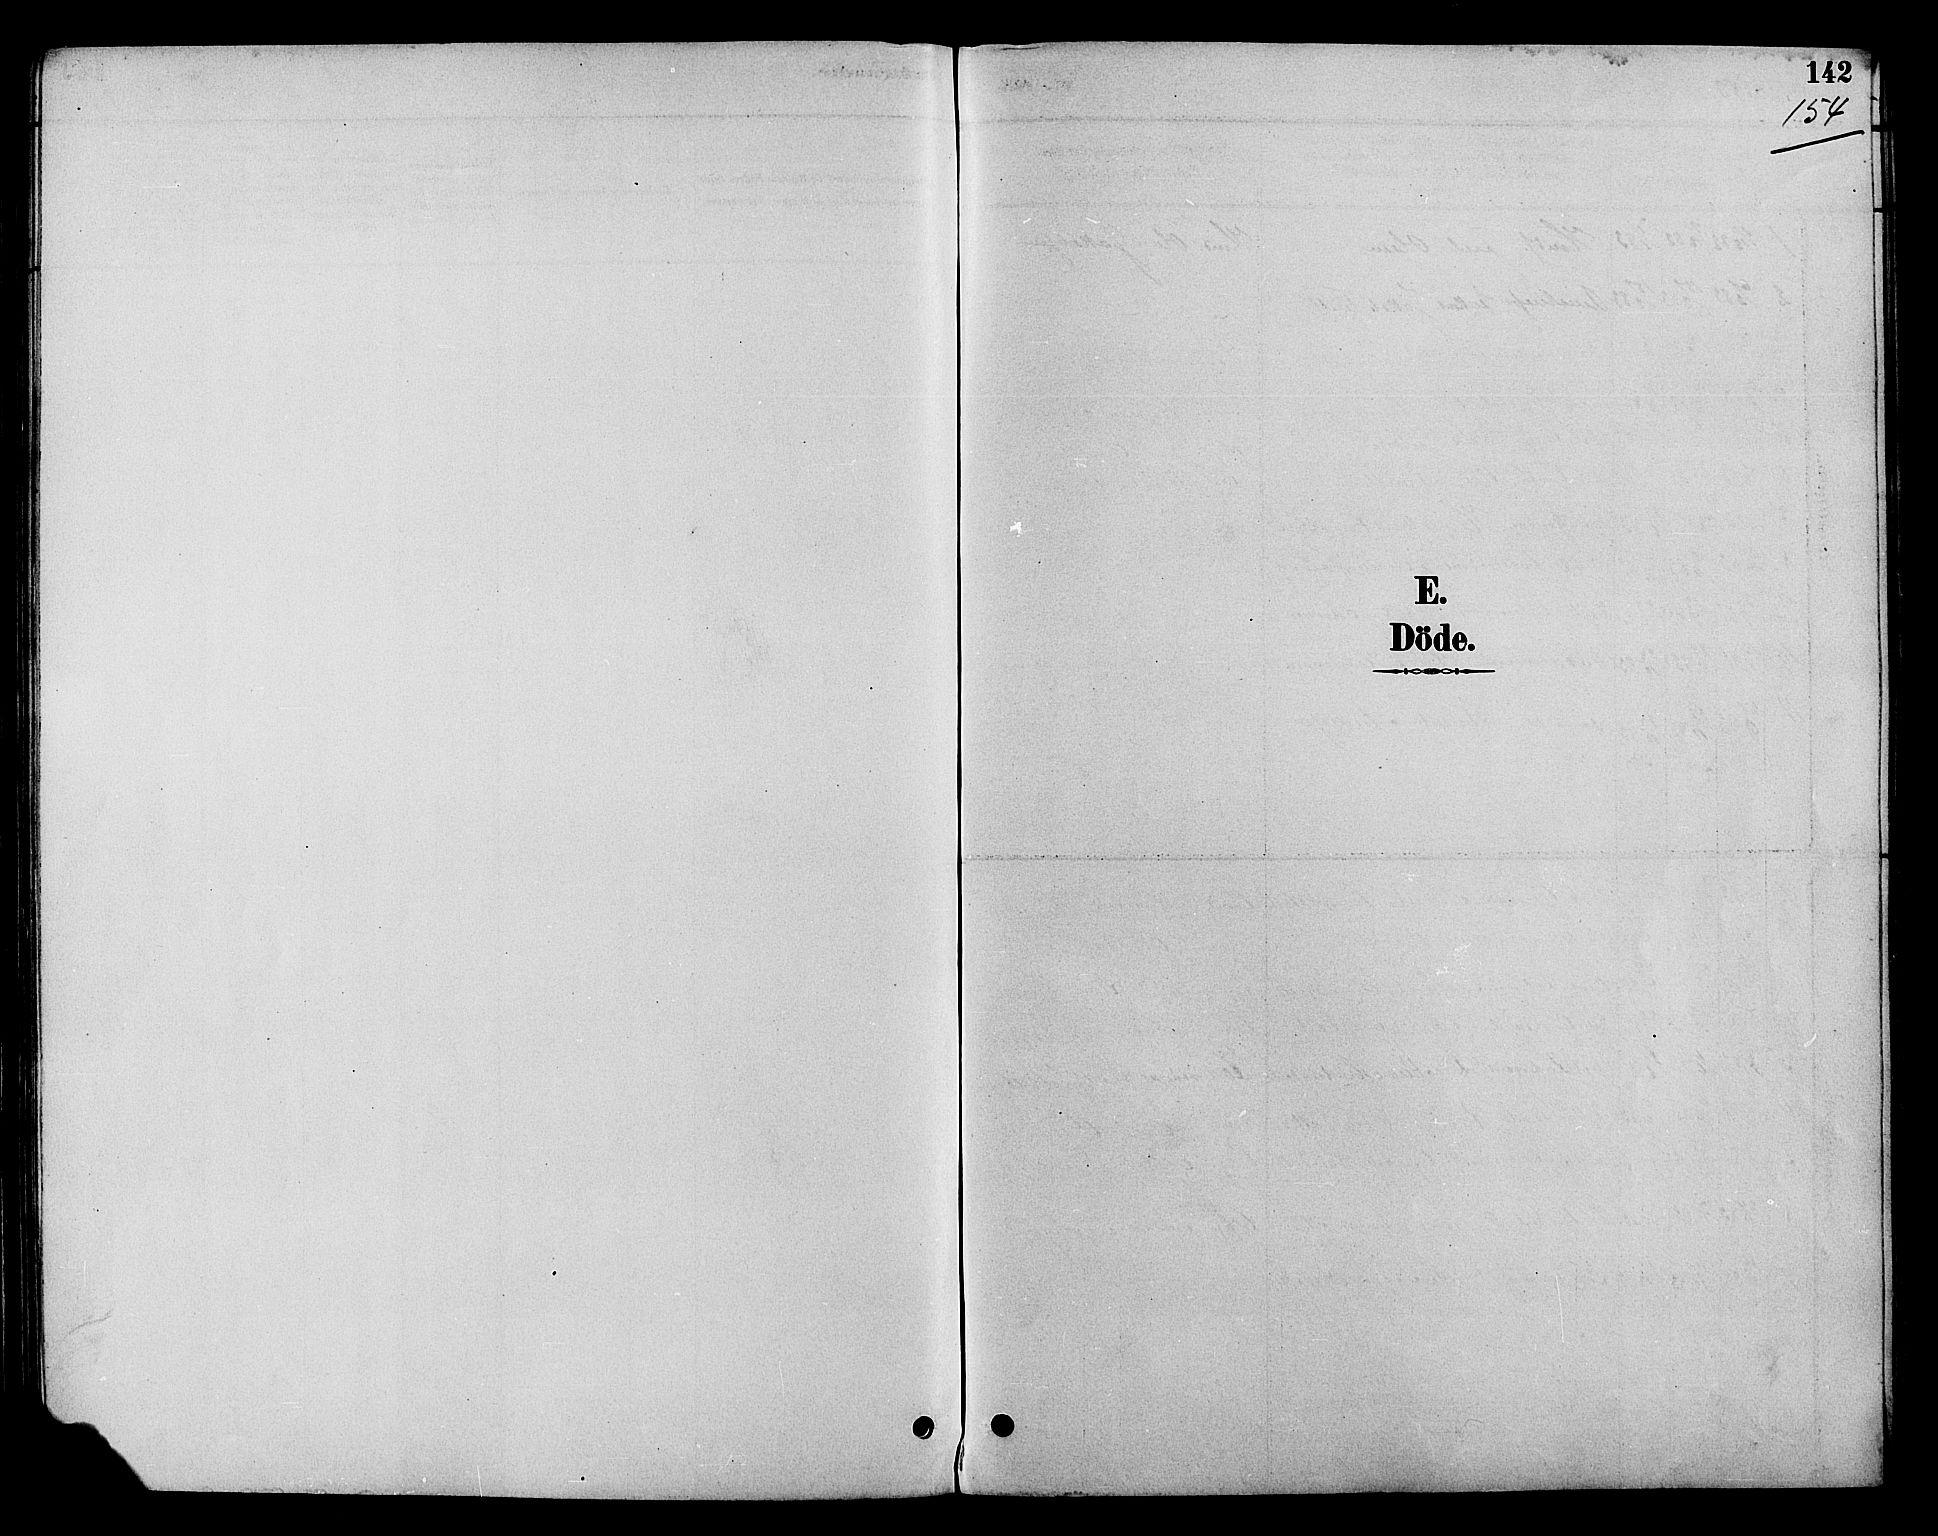 SAH, Nord-Aurdal prestekontor, Klokkerbok nr. 7, 1883-1910, s. 154